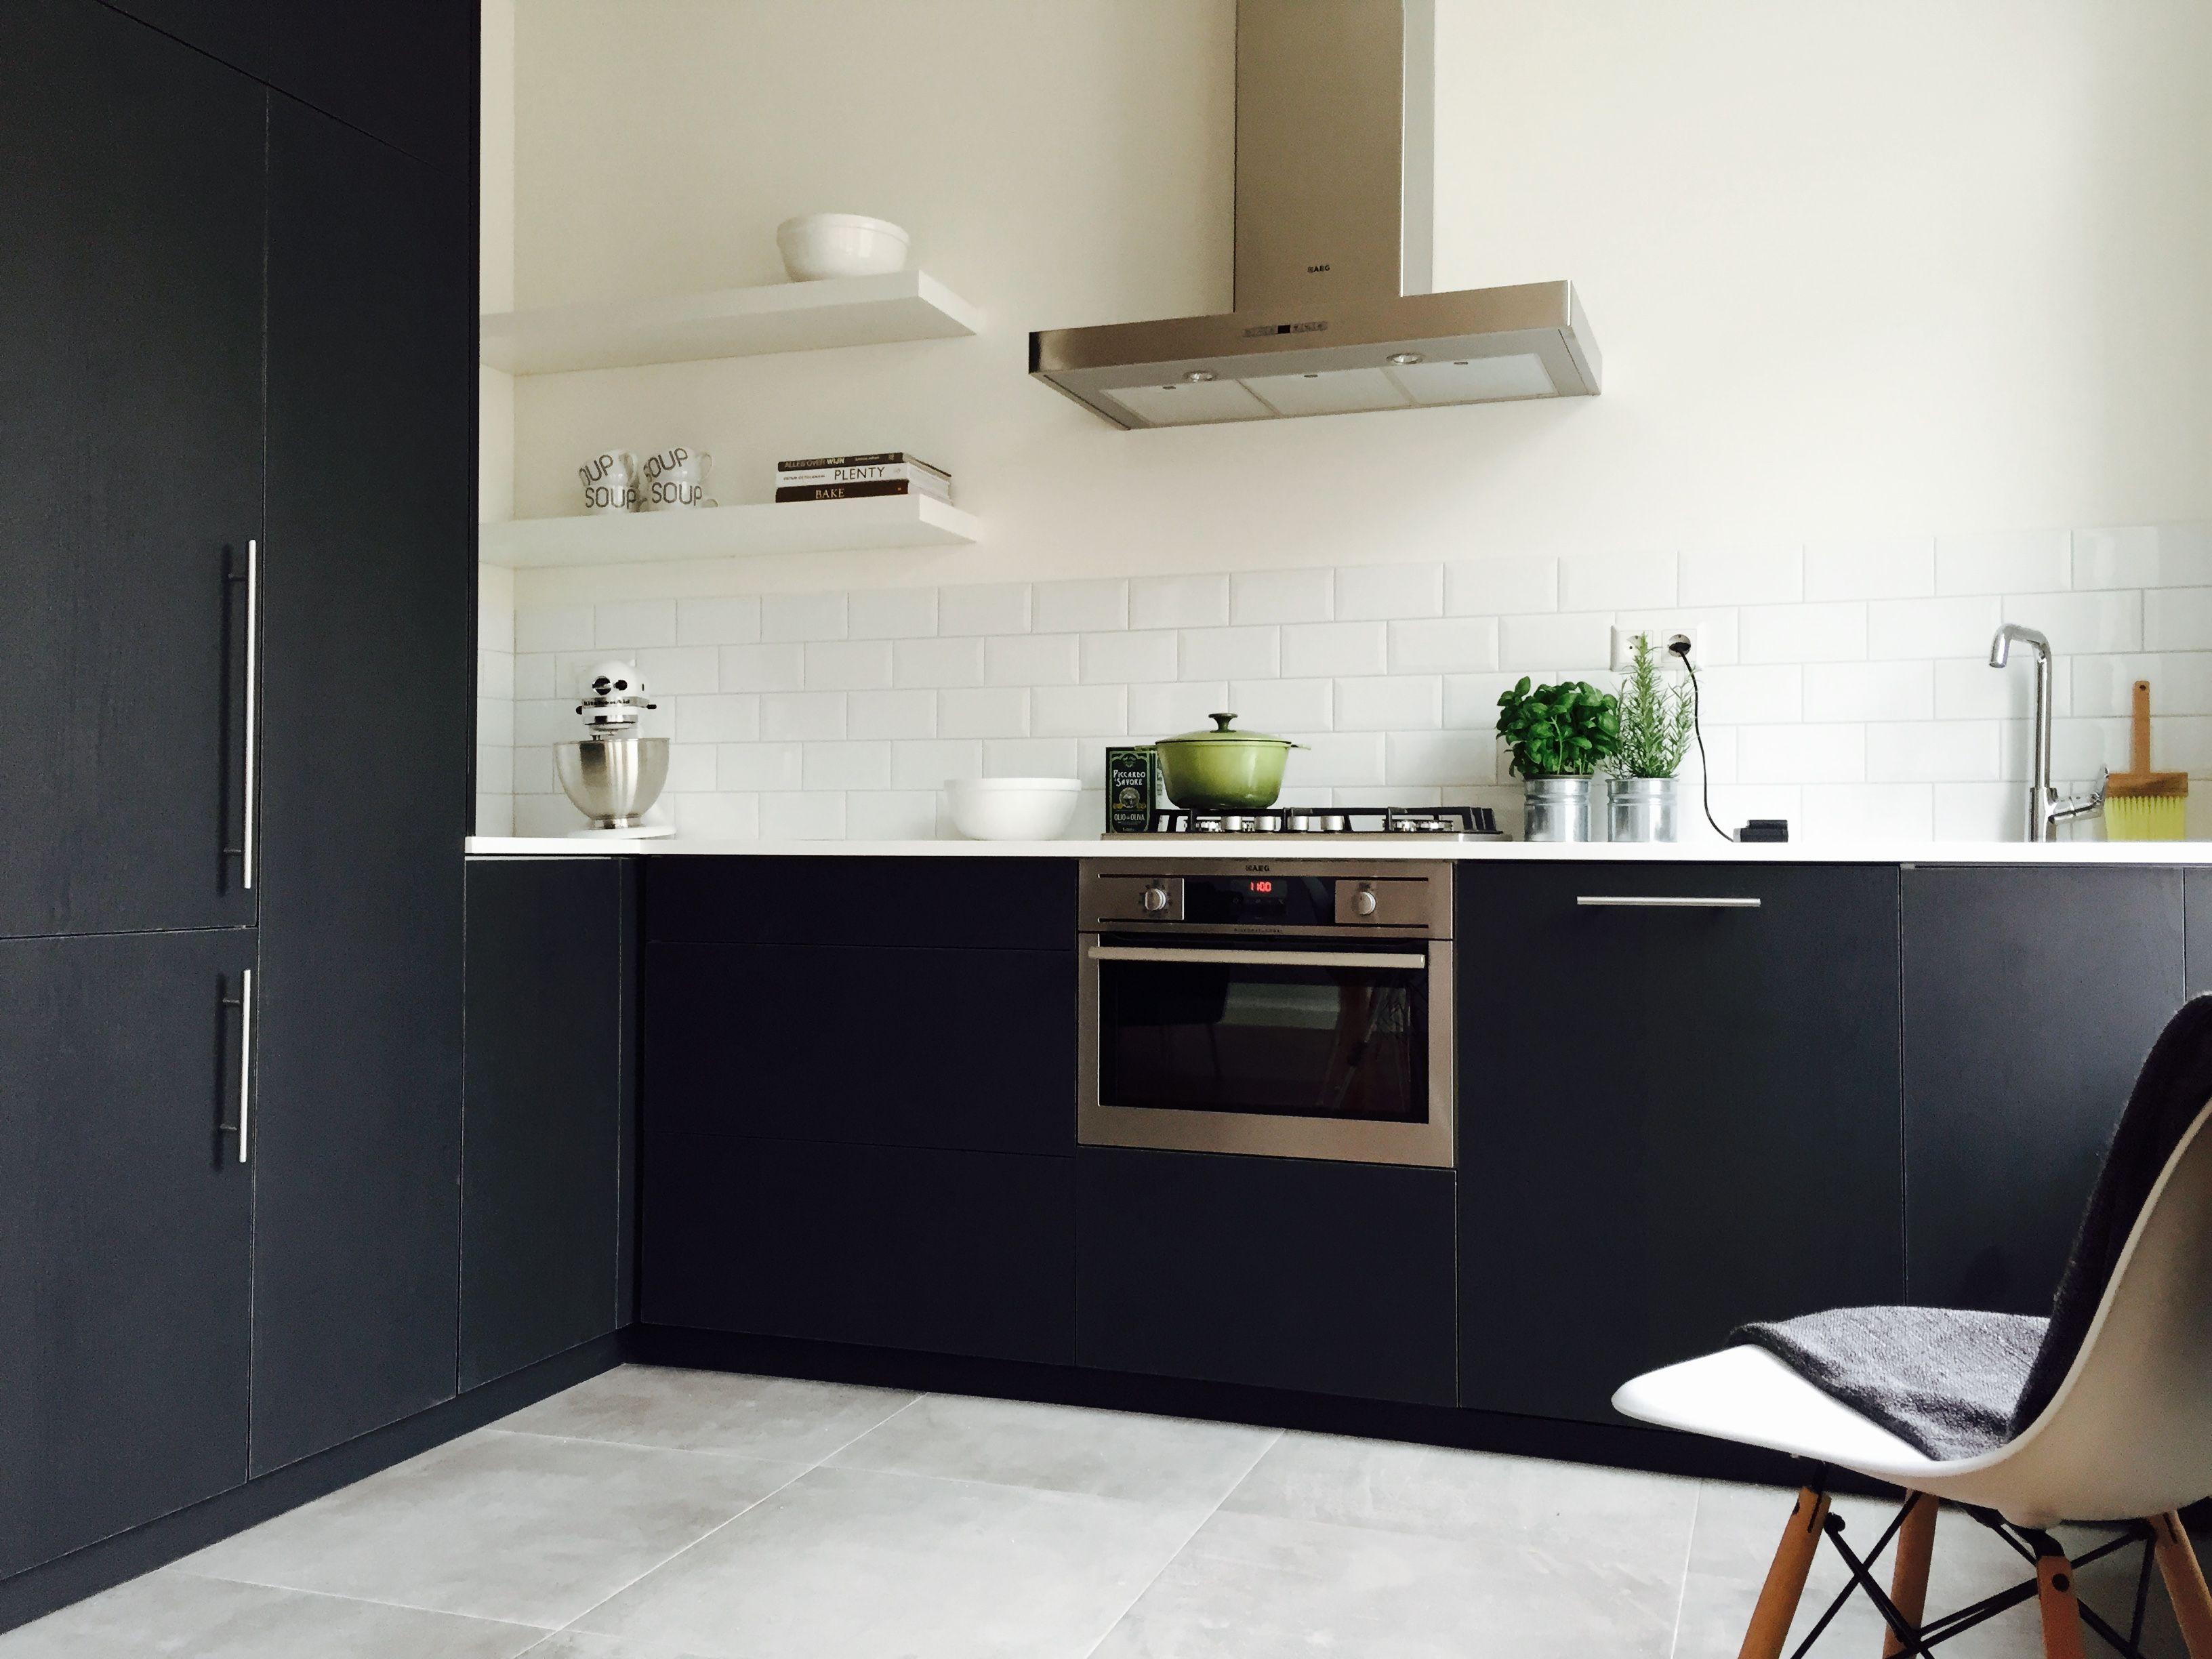 Ikea keuken aangekleed door frontz houten fronten corian for Keuken samenstellen ikea